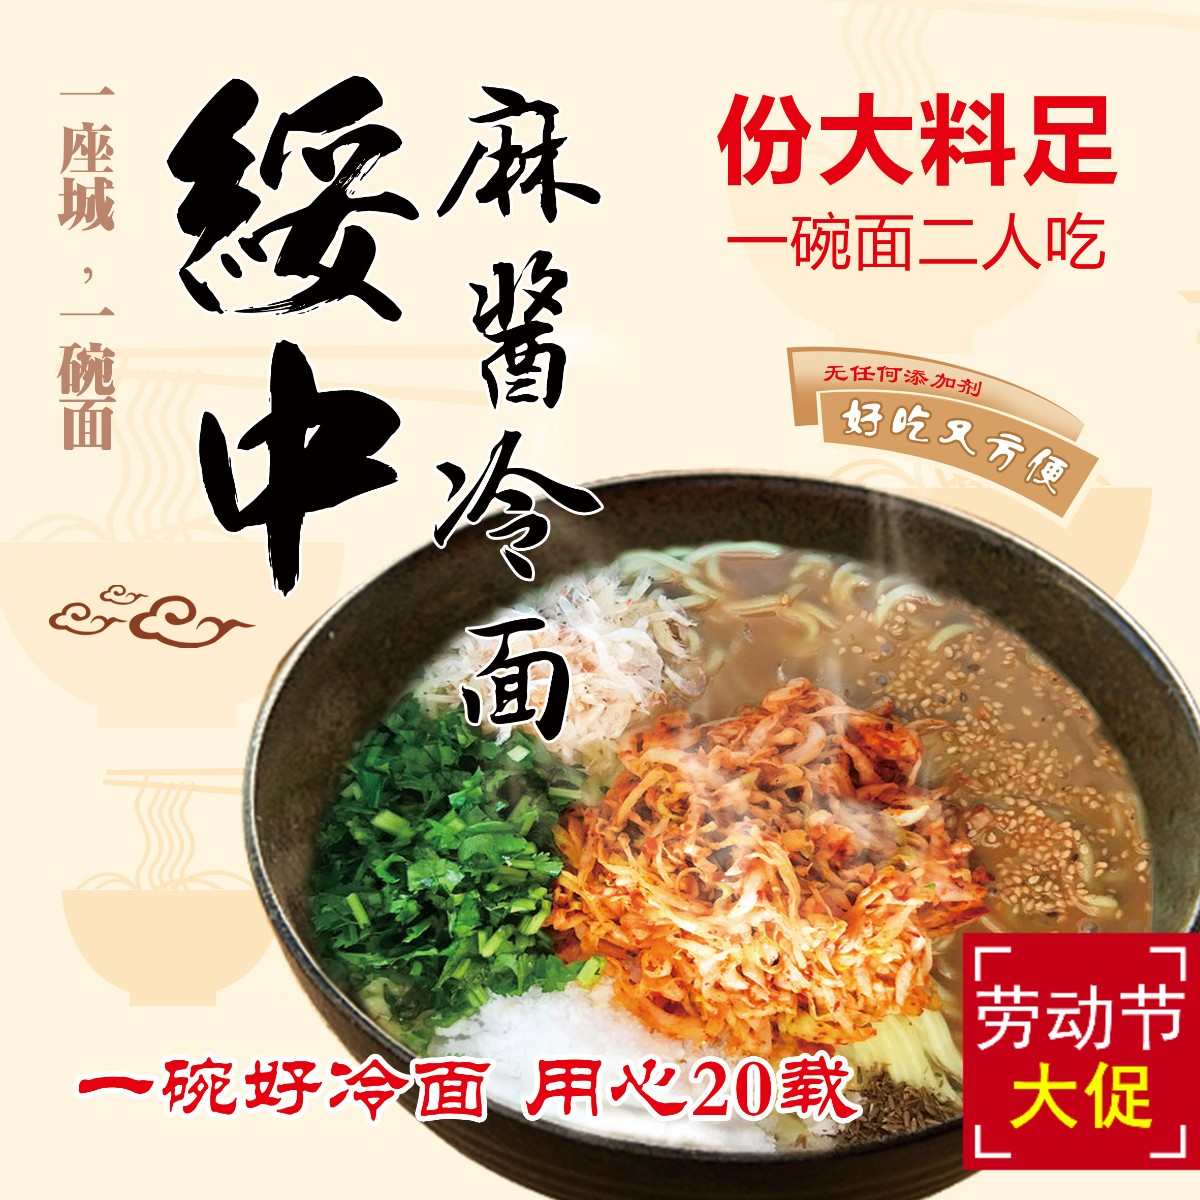 Слева Горячий суп Diyin с холодным соусом【Шесть мешков бесплатная доставка】